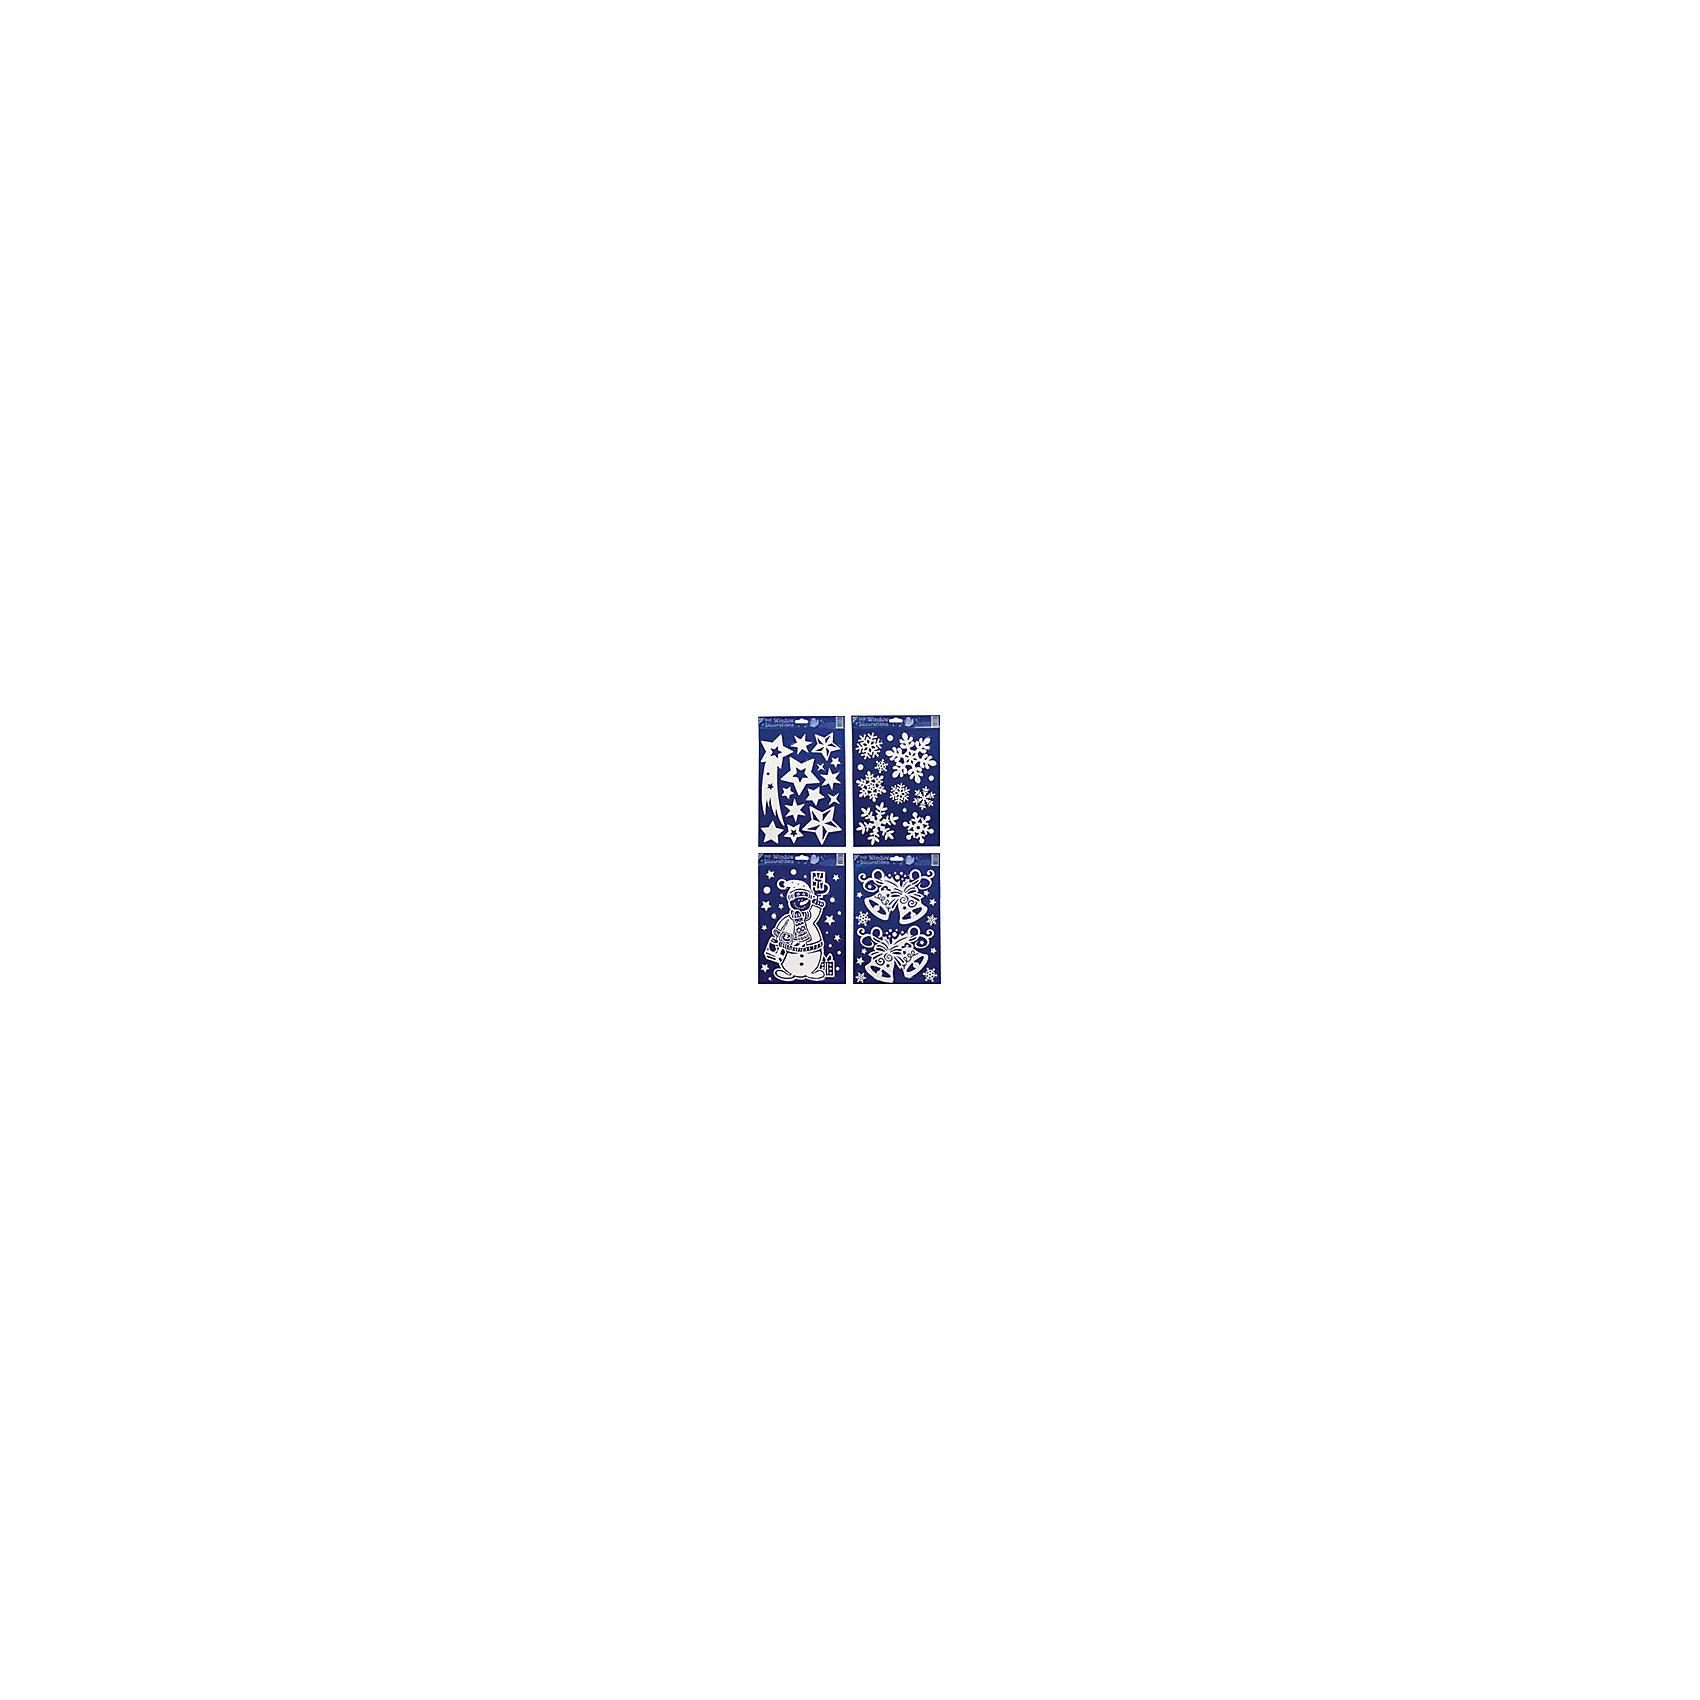 Наклейка на стекло Снежное ассорти  30*20 см в ассортименте, Marko FerenzoВсё для праздника<br>Наклейка на стекло Снежное ассорти  30*20 см в ассортименте, Marko Ferenzo - этот новогодний стикер создаст праздничную атмосферу.<br>Наклейка на стекло Снежное ассорти от Marko Ferenzo (Марко Ферензо) - оригинальное украшение, которое в сочетании с елкой довершит чудесное преобразование праздничного интерьера. Украшение предназначено для декорирования стеклянных поверхностей. С его помощью можно оригинально украсить окна, стекла межкомнатных дверей, а так же зеркальные поверхности. Оно создаст впечатление свежести, настоящего мороза. Устройте настоящий праздник! Торговая марка «Marko Ferenzo» (Марко Ферензо) – это стиль, красочность, оригинальность и качество, которому можно доверять!<br><br>Дополнительная информация:<br><br>- В ассортименте: 4 вида<br>- Размер: 30х20 см.<br>- ВНИМАНИЕ! Данный артикул представлен в разных вариантах исполнения. К сожалению, заранее выбрать определенный вариант невозможно. При заказе нескольких наклеек возможно получение одинаковых<br><br>Наклейку на стекло Снежное ассорти  30*20 см в ассортименте, Marko Ferenzo (Марко Ферензо) можно купить в нашем интернет-магазине.<br><br>Ширина мм: 300<br>Глубина мм: 200<br>Высота мм: 3<br>Вес г: 313<br>Возраст от месяцев: 36<br>Возраст до месяцев: 2147483647<br>Пол: Унисекс<br>Возраст: Детский<br>SKU: 4418964